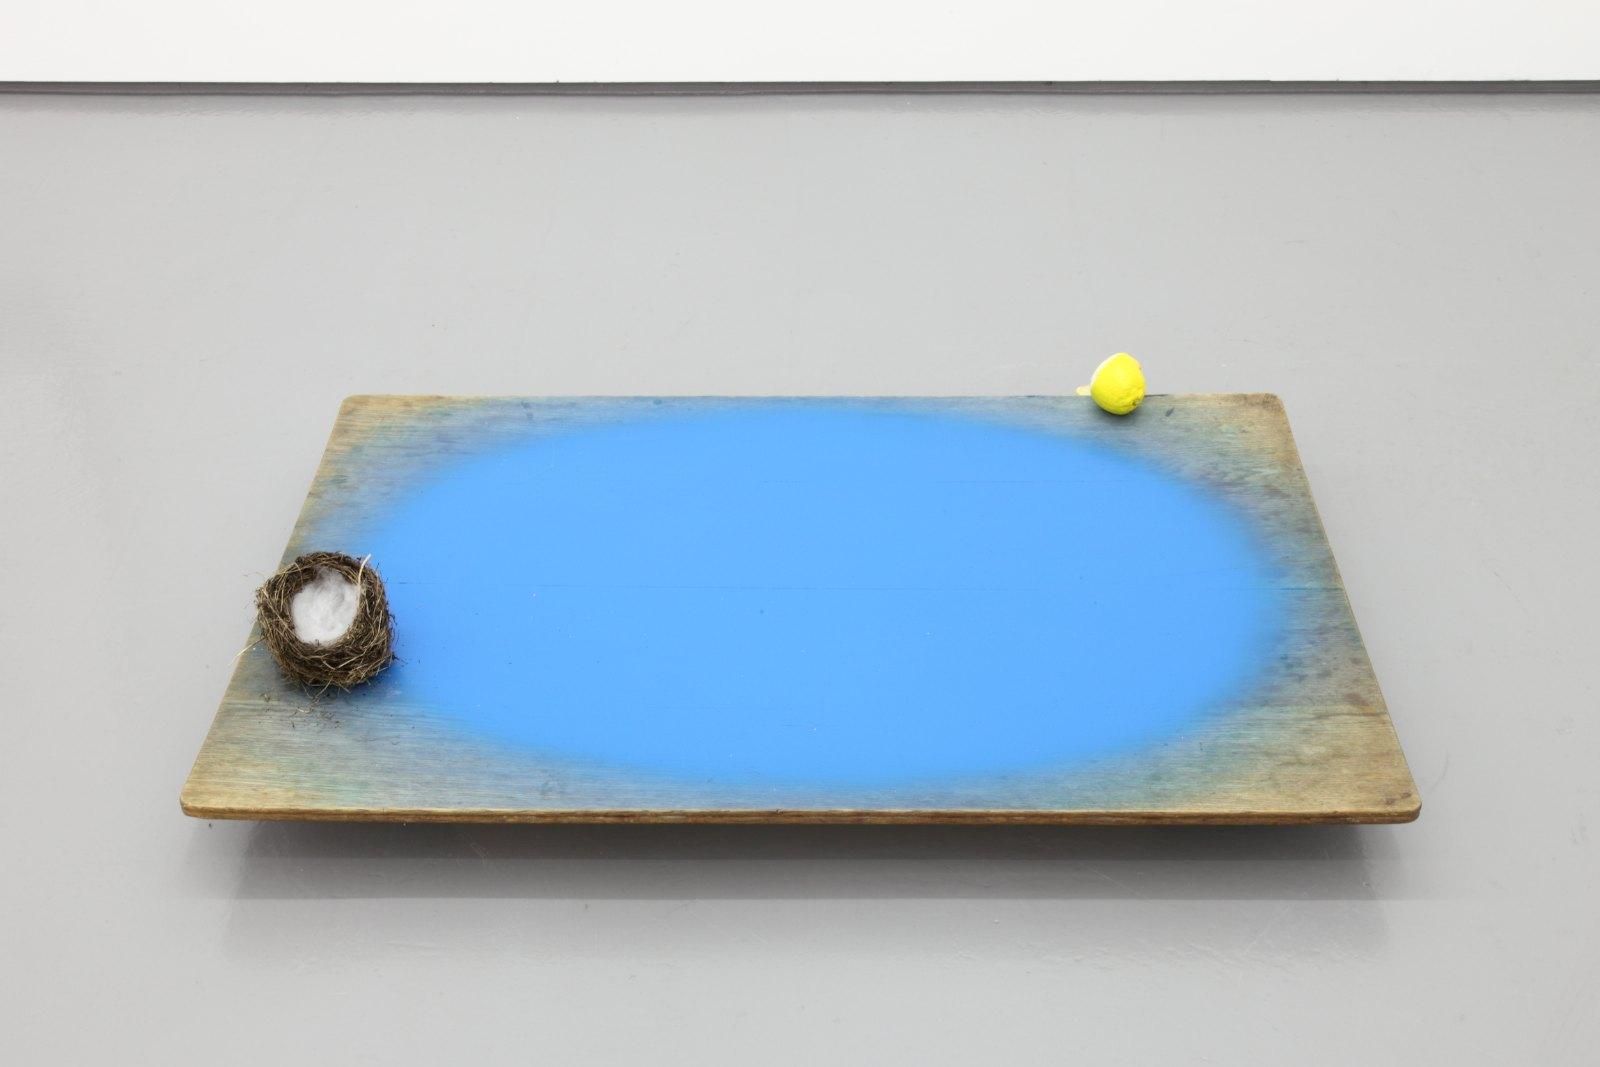 Marijke van Warmerdam, Safe and Sour, 2004, mixed media, 20 x 120 x 117 cm